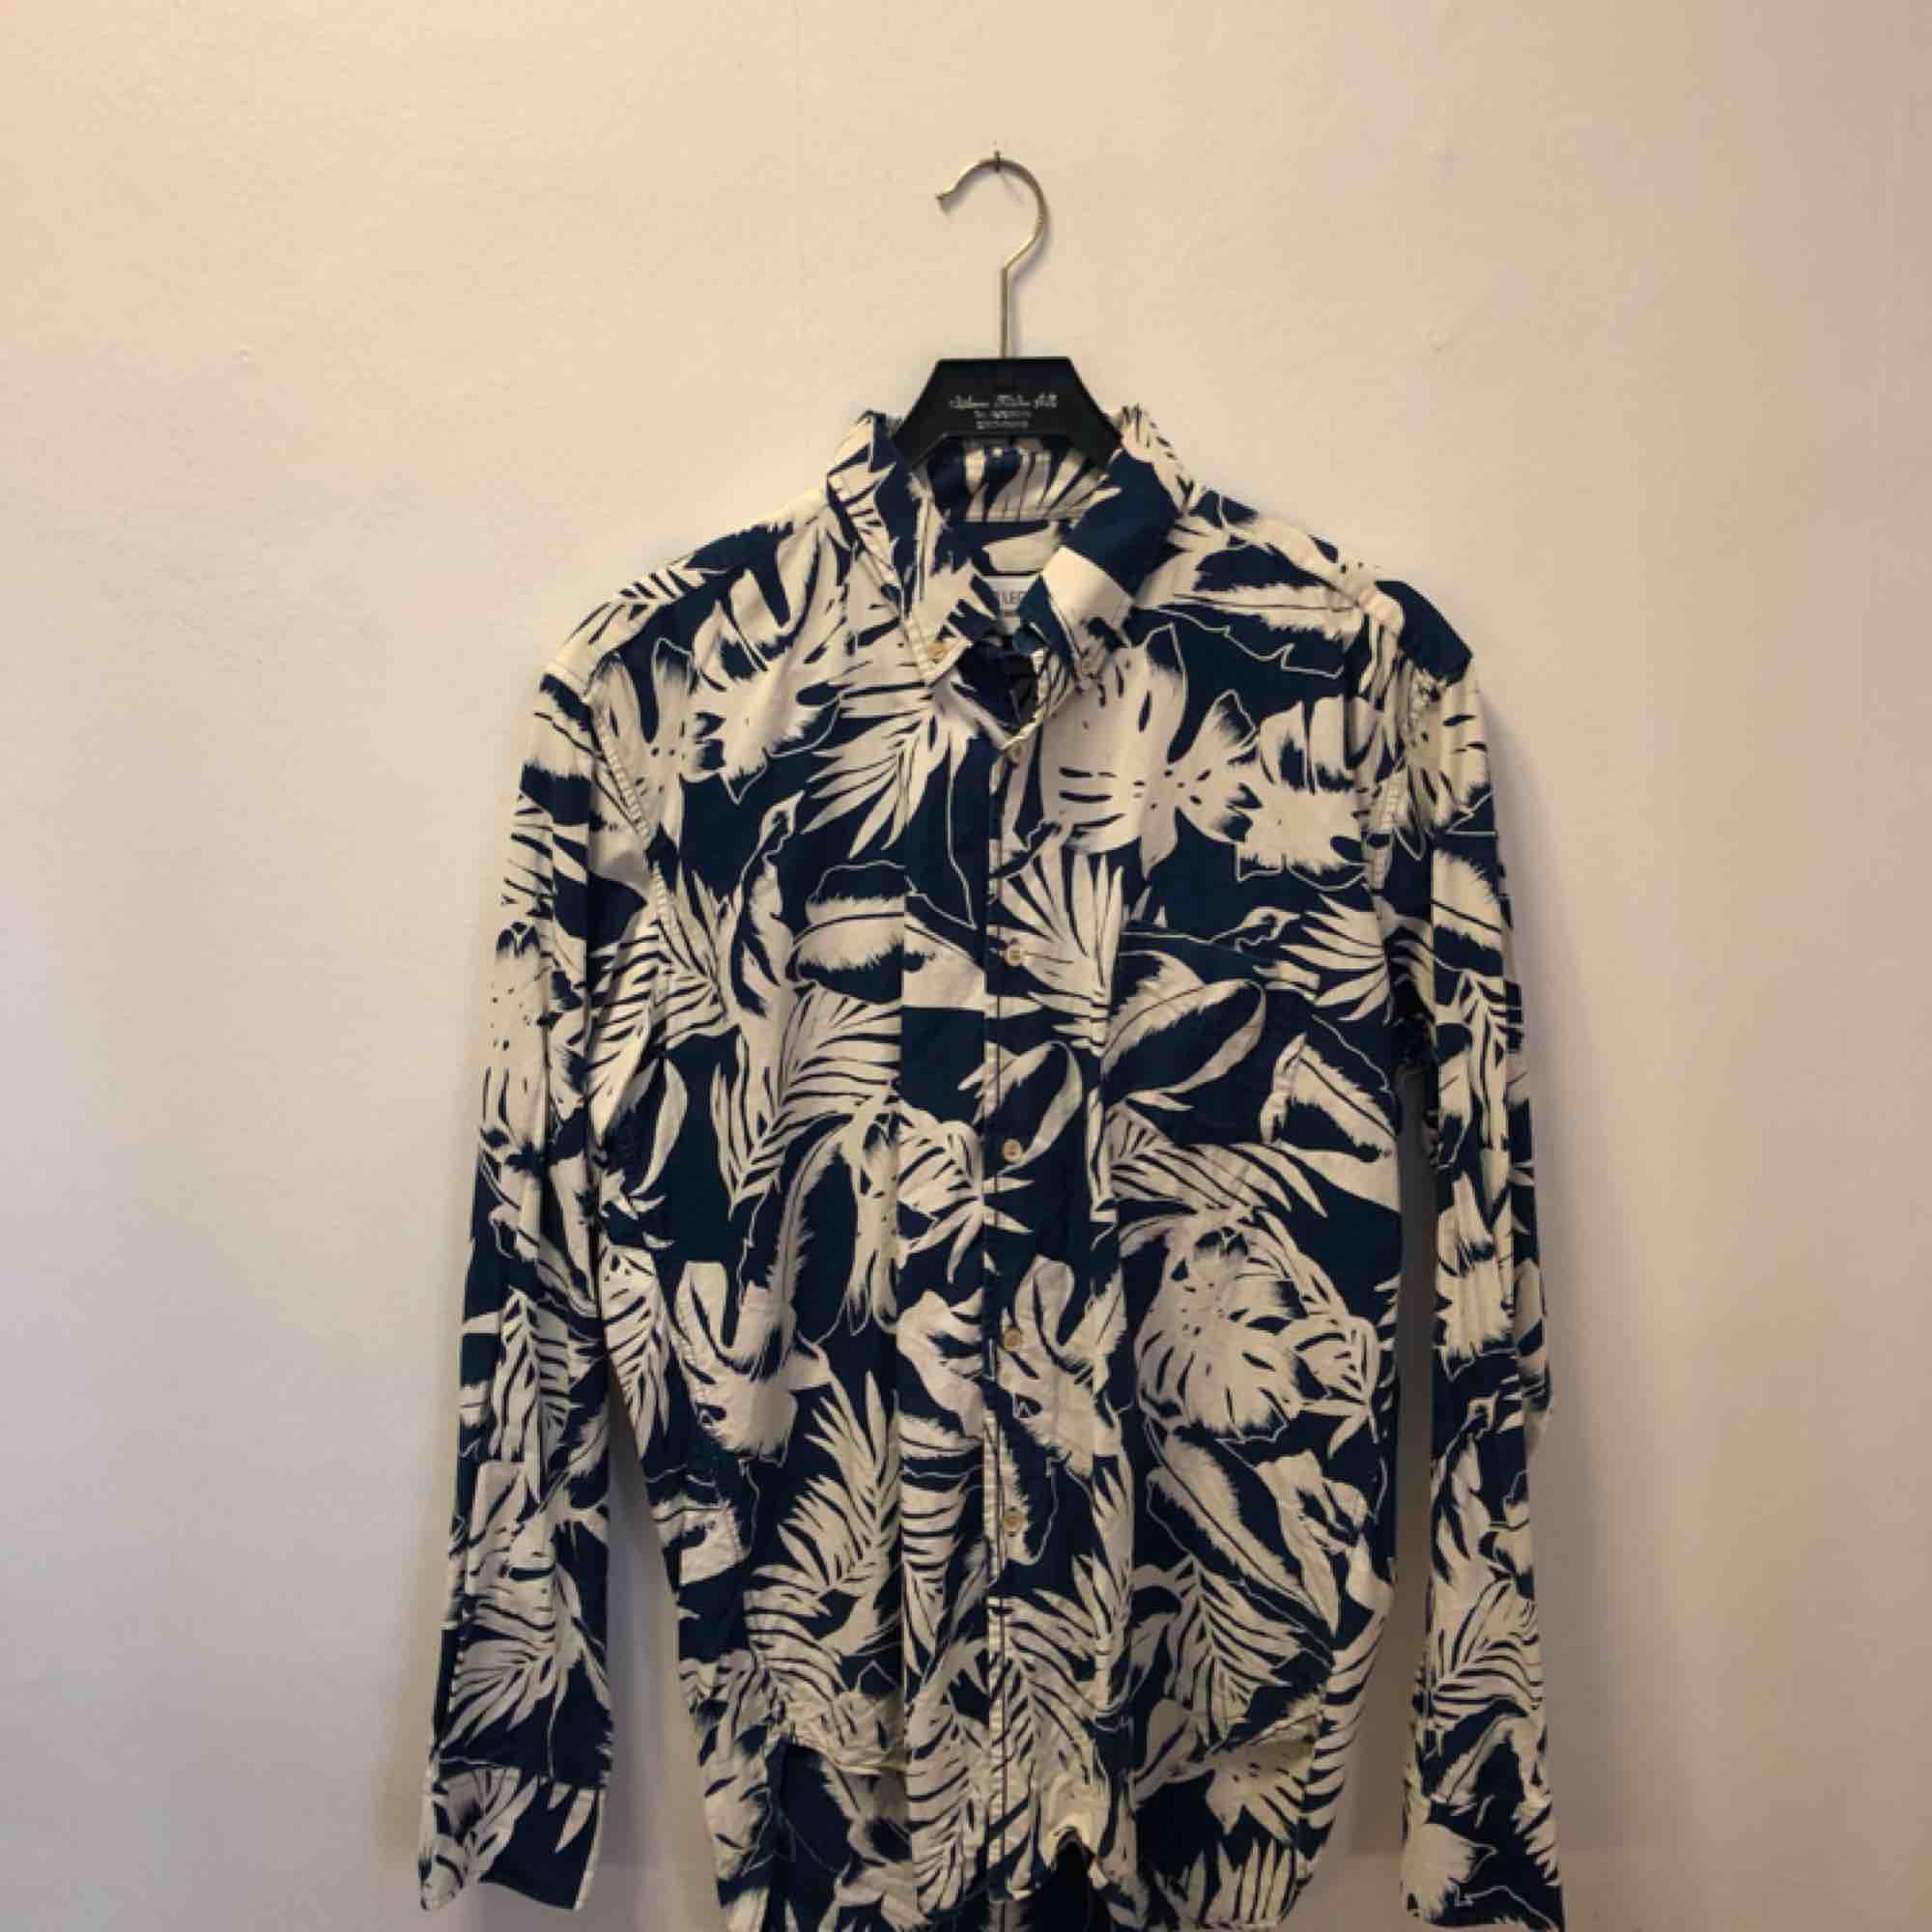 Snygg paisleyskjorta från Our legacy 1980. Skjortor.